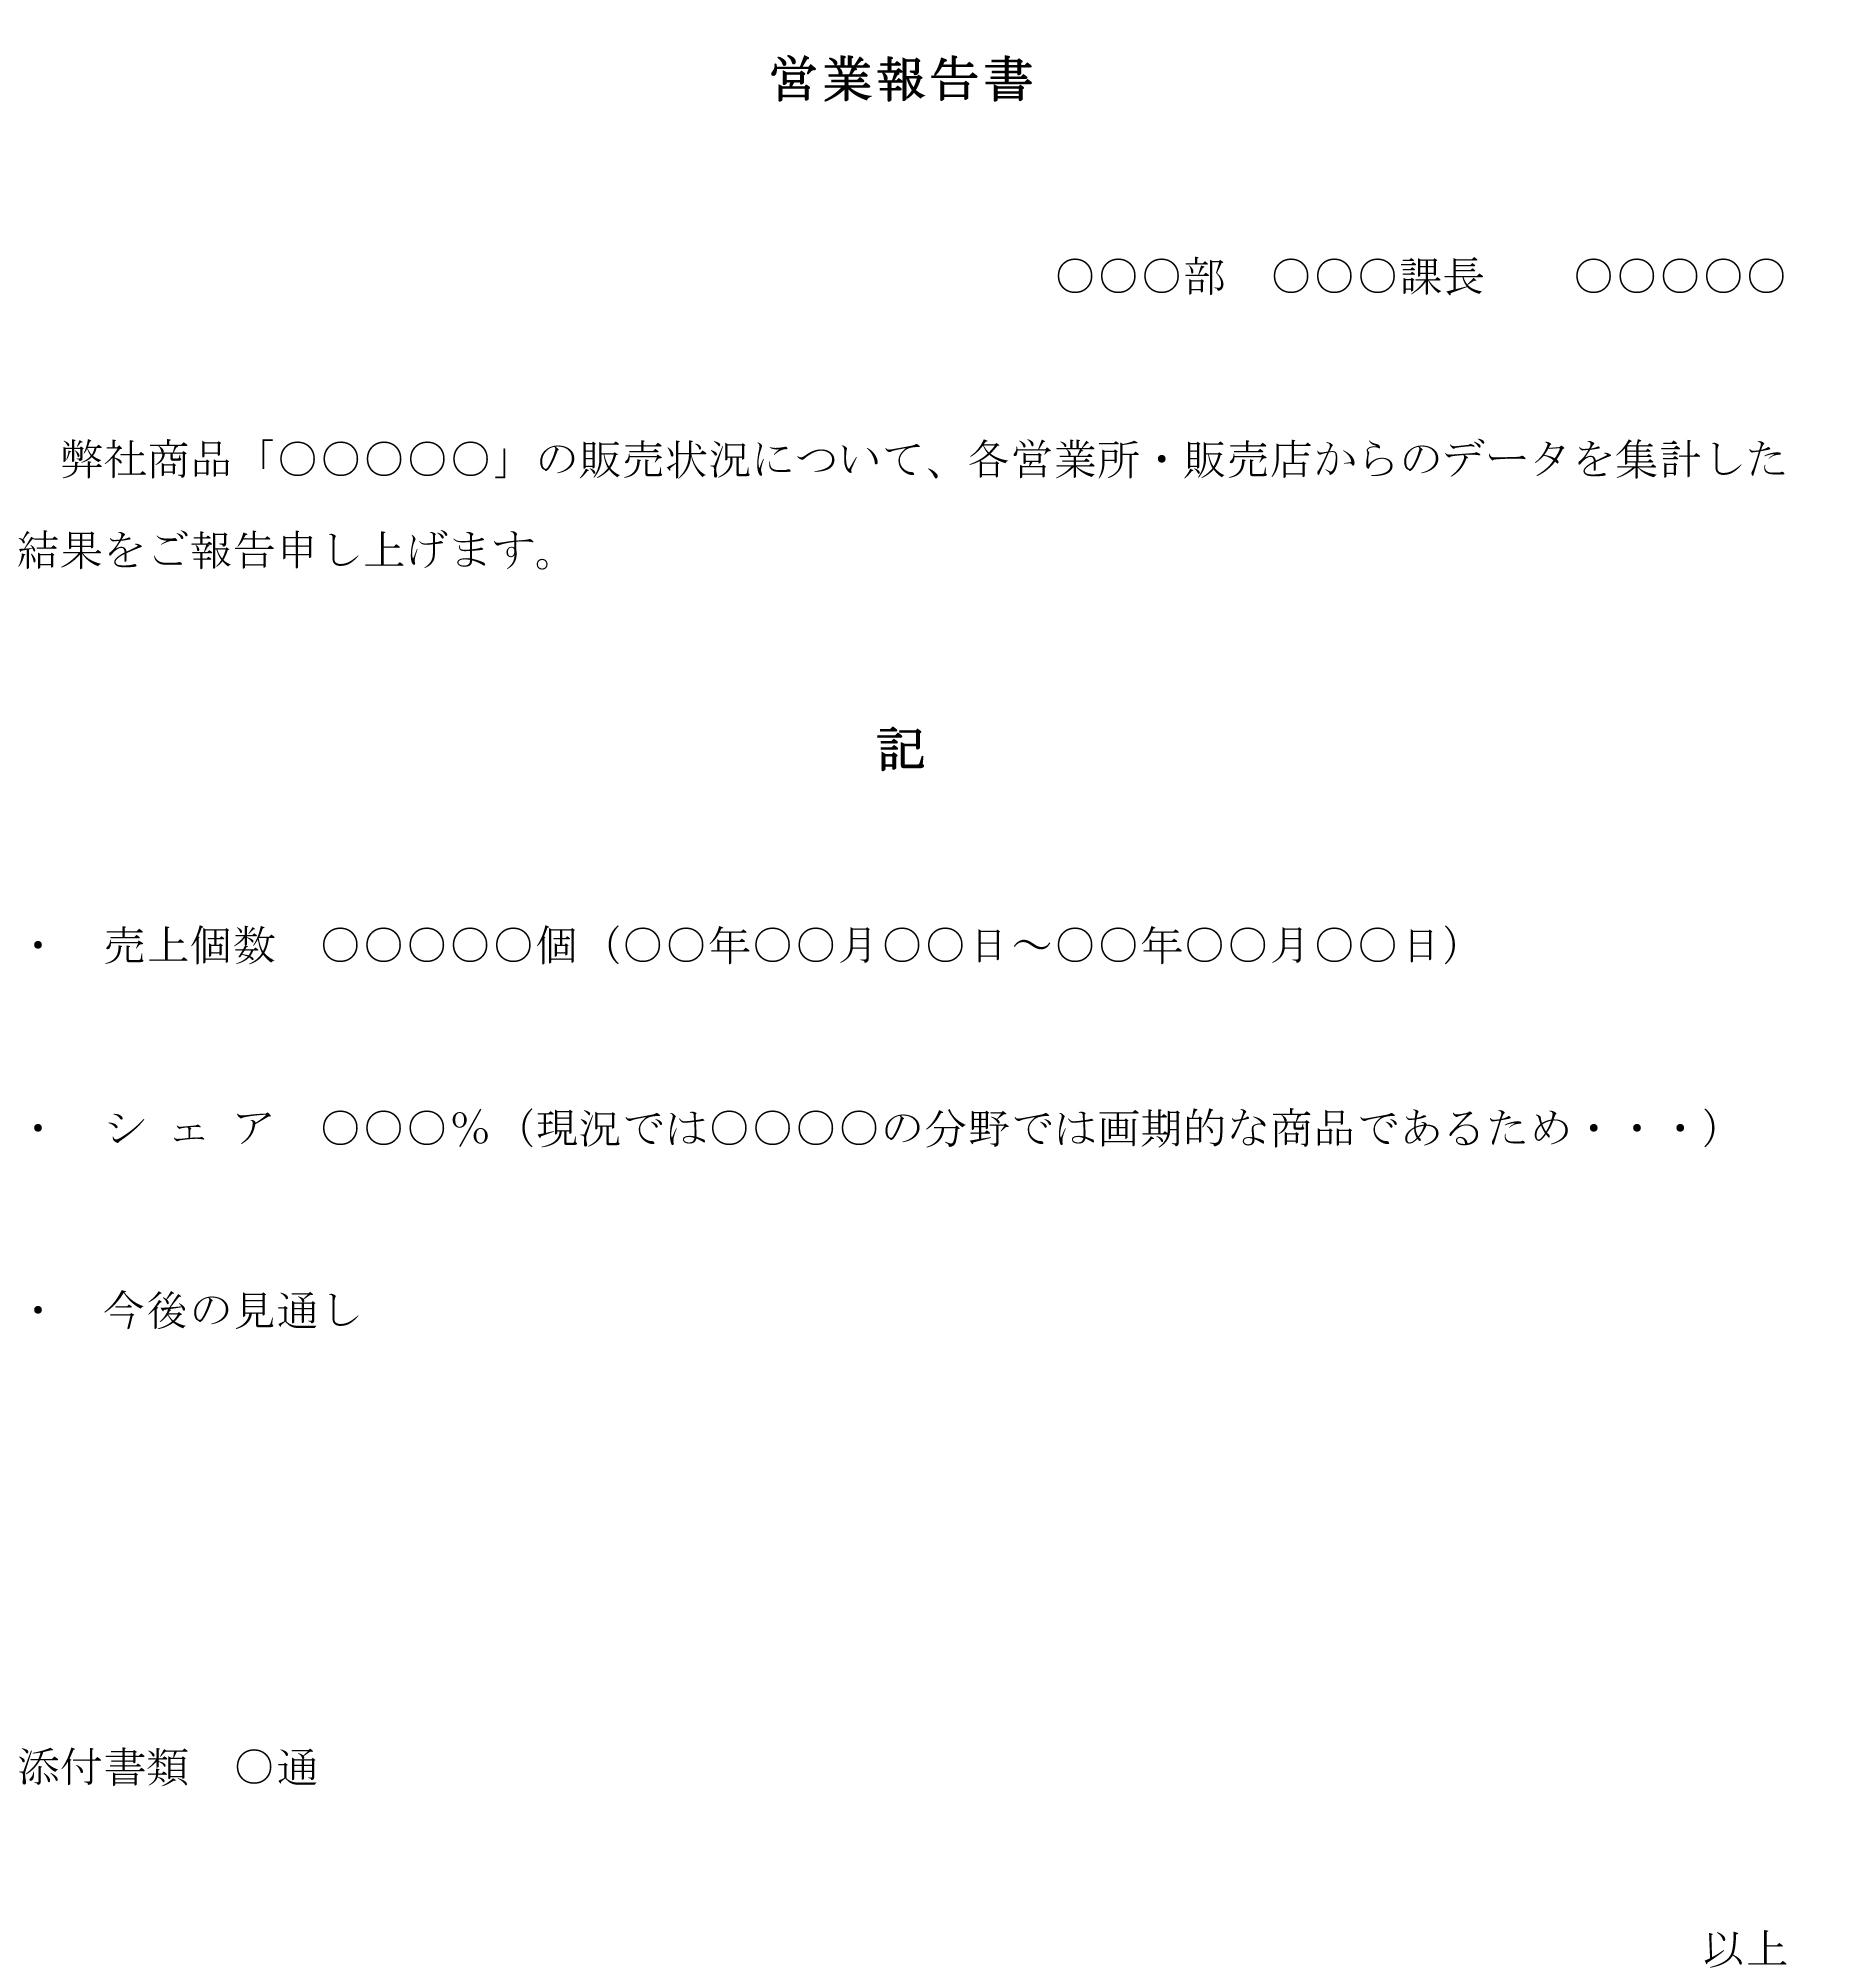 営業報告書02